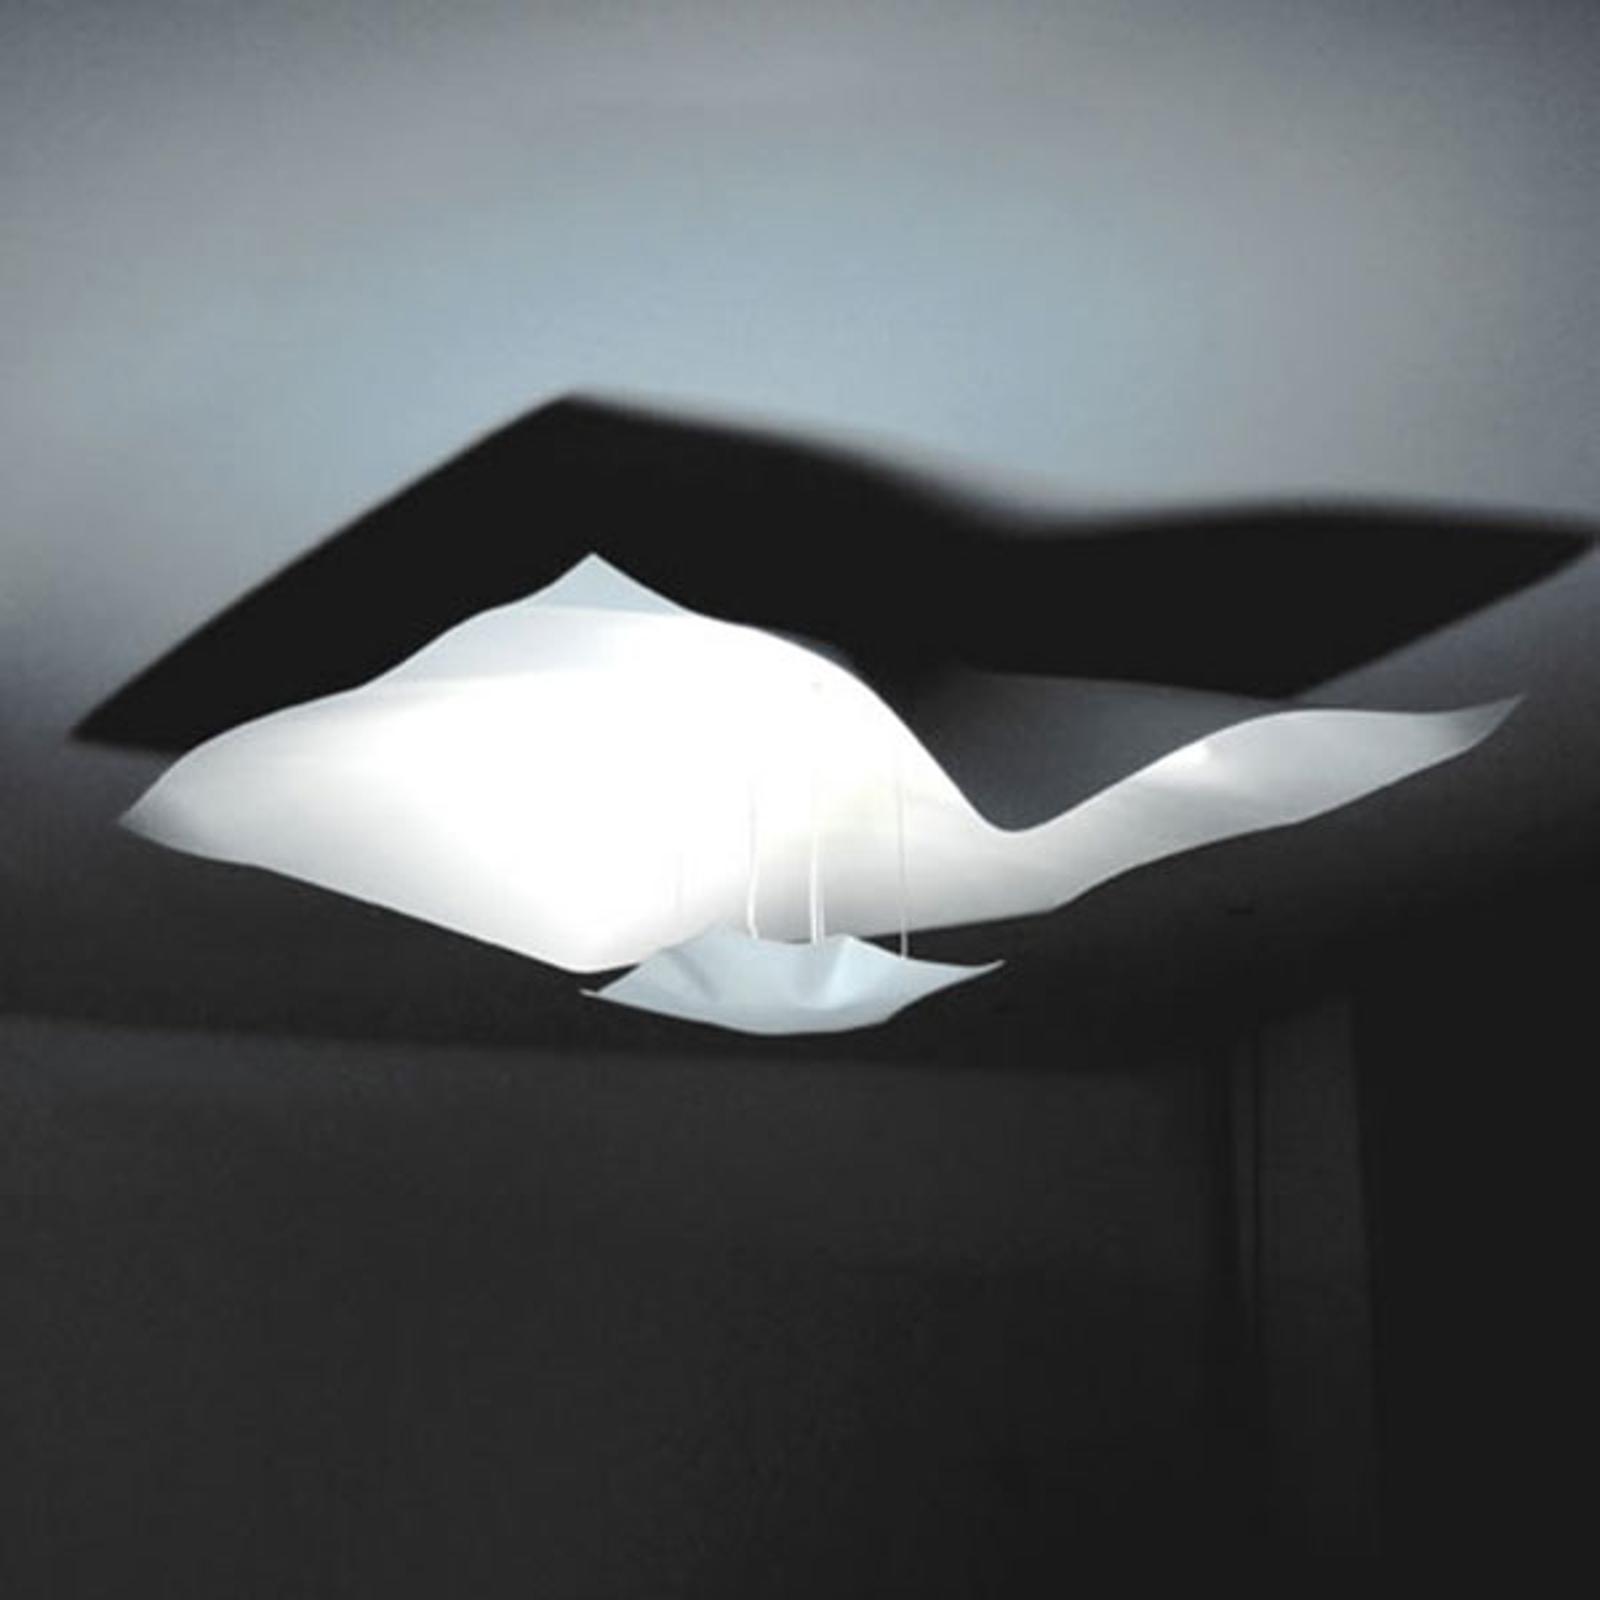 Knikerboker Crash LED-Hängeleuchte weiß